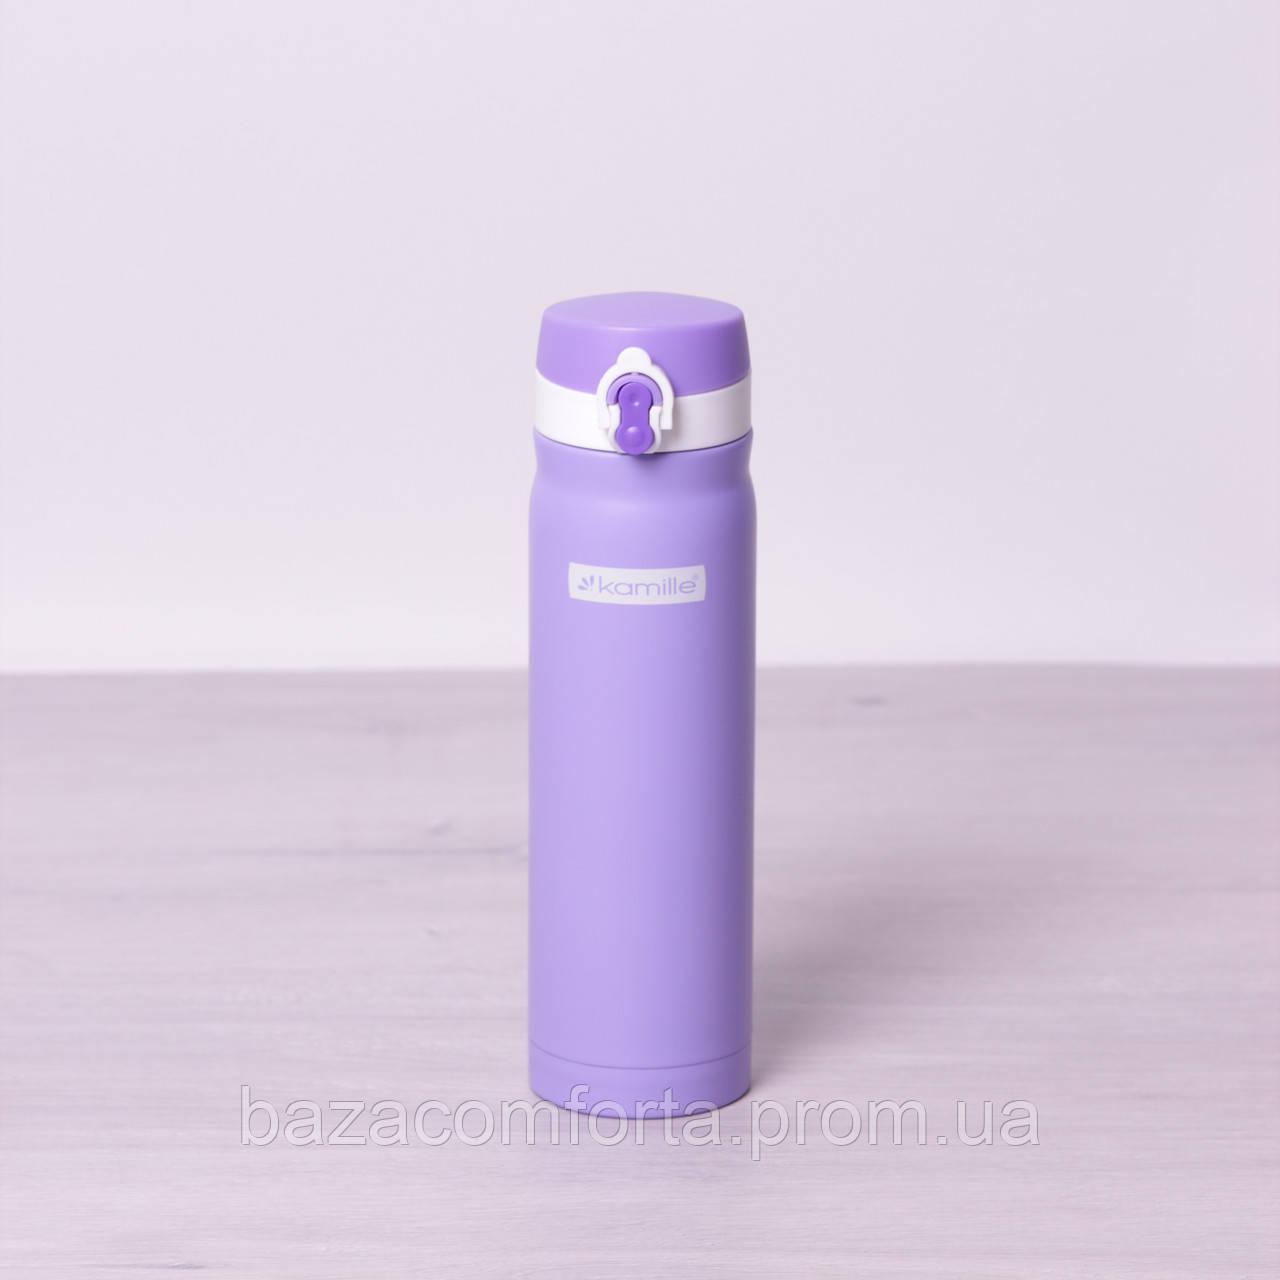 Термос-бутылка 2005В из нержавеющей стали Kamille 500мл